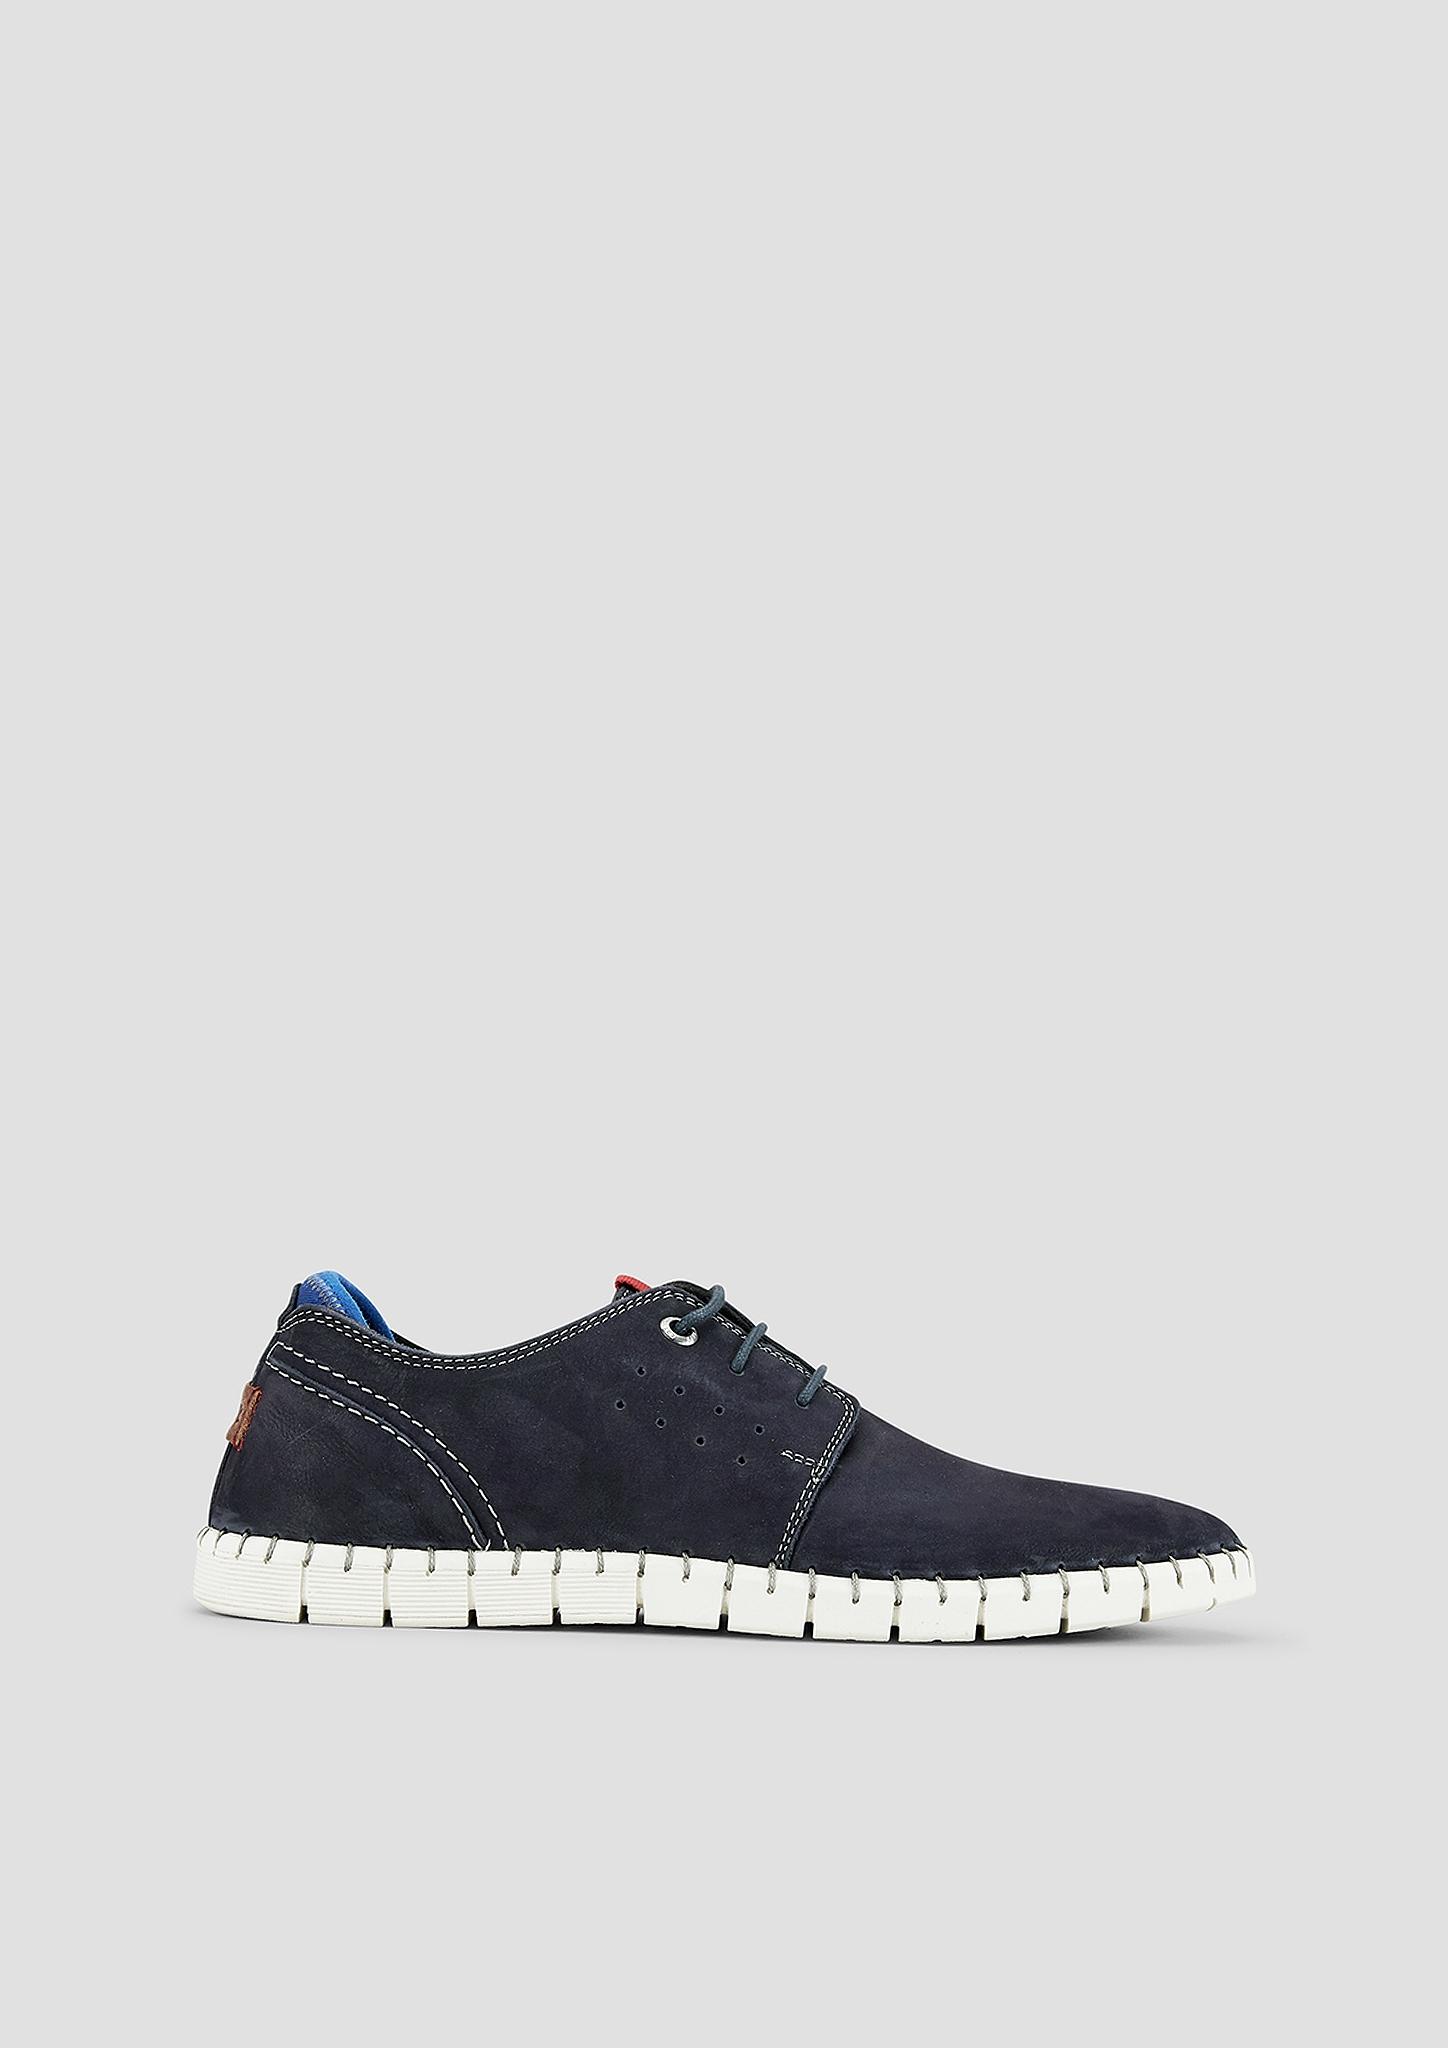 Schnürer | Schuhe > Schnürschuhe | Blau | Obermaterial aus textil und echtleder| futter und decksohle aus textil und echtleder| laufsohle aus synthetik | s.Oliver